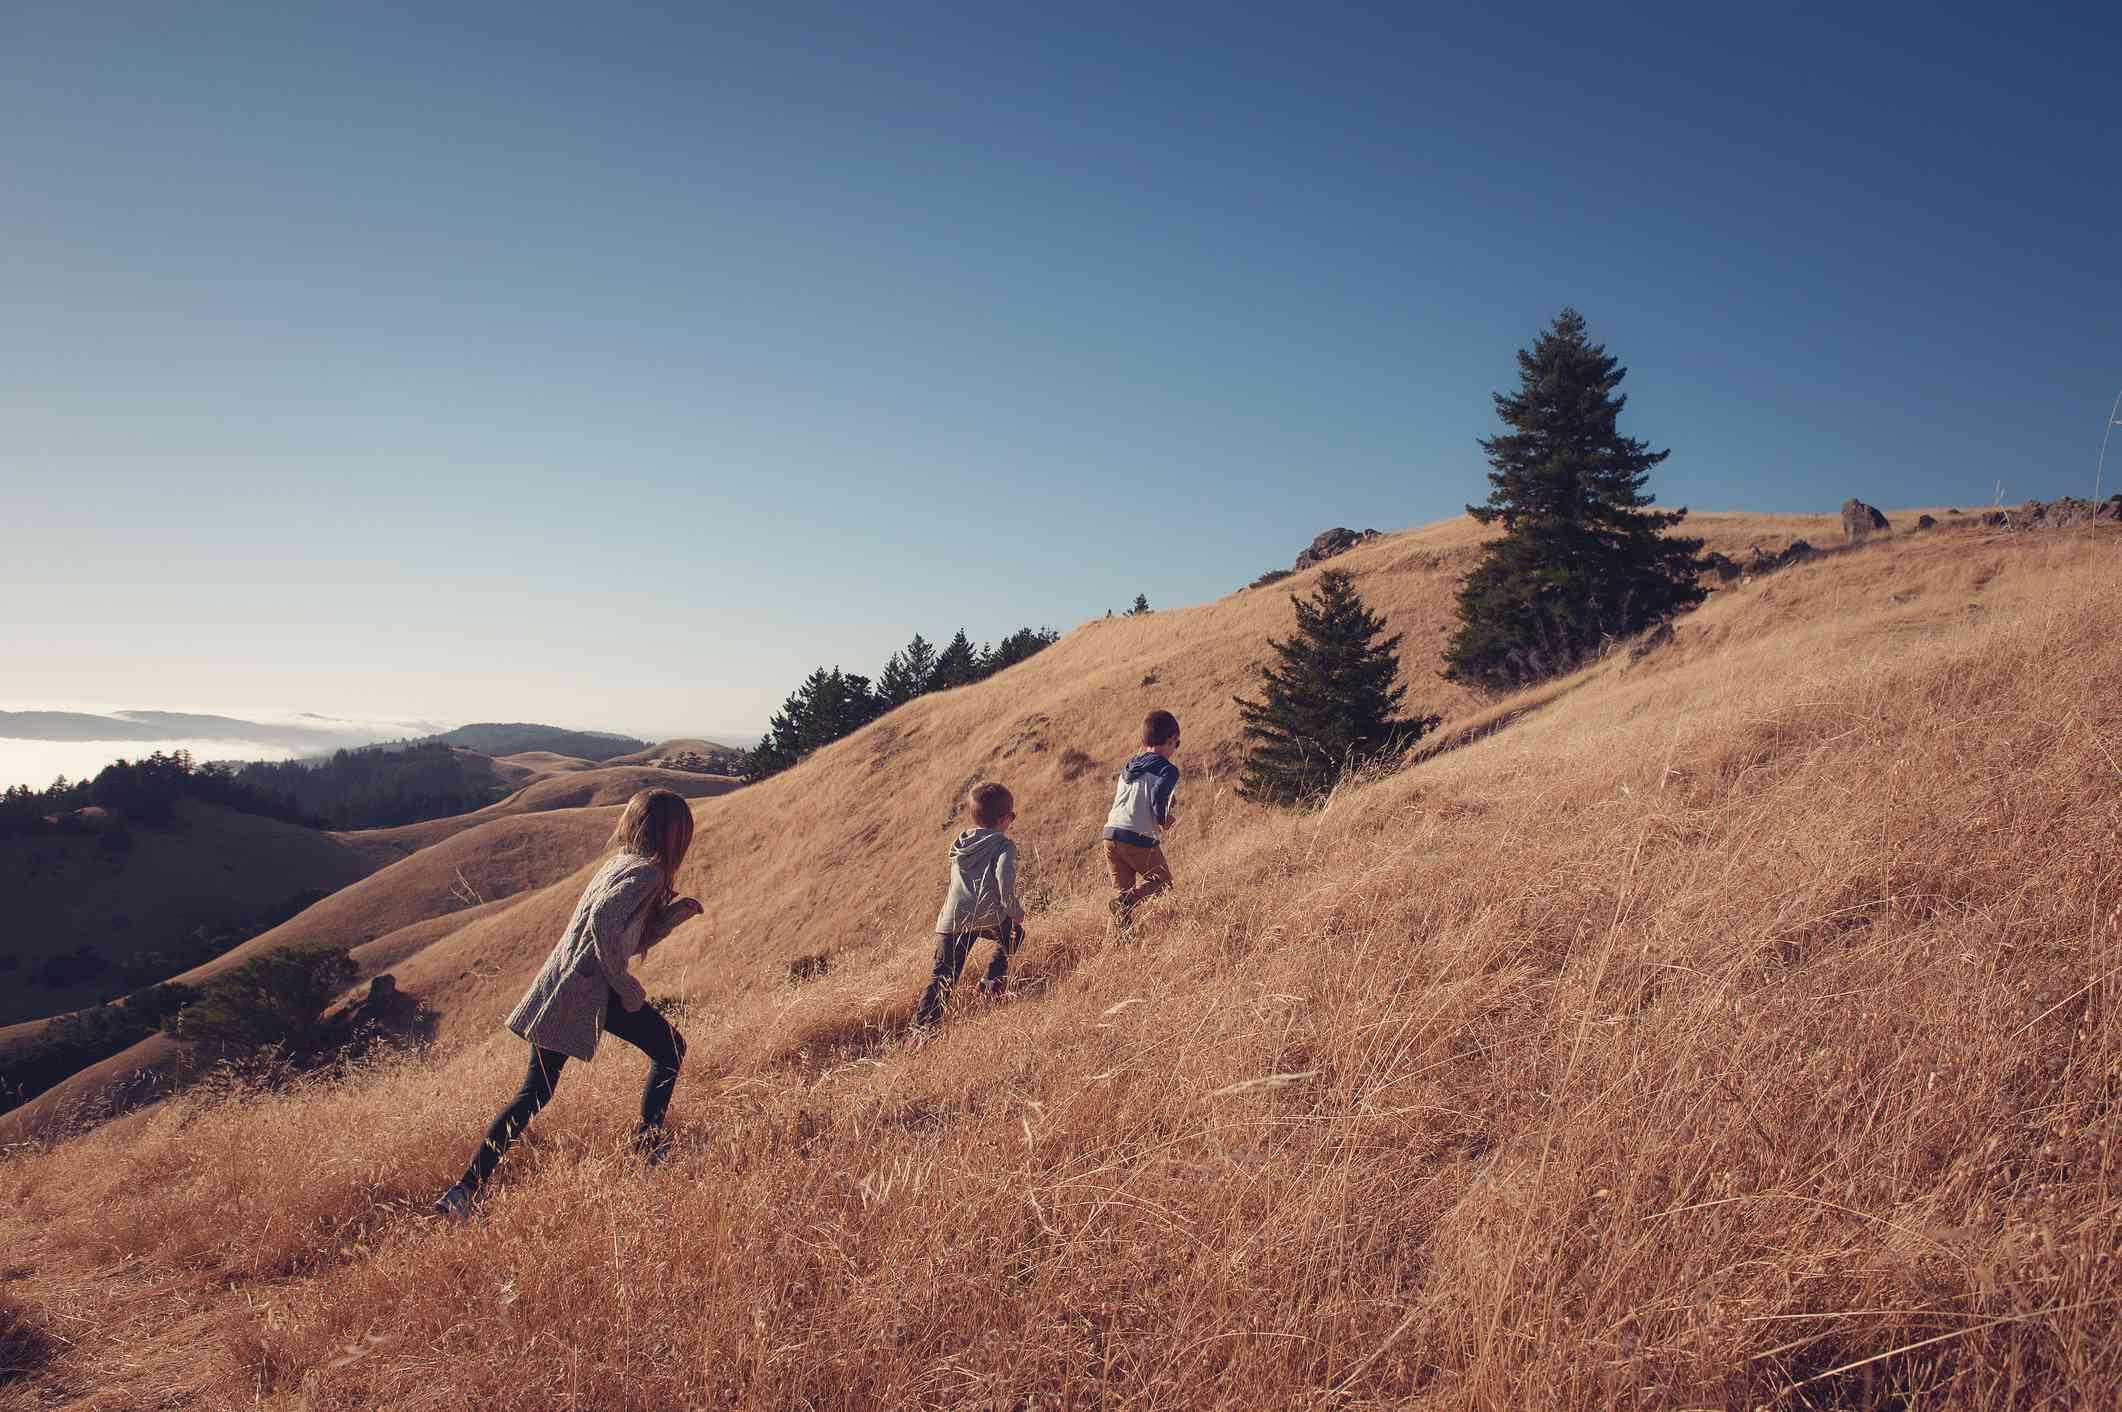 Dos niños y una niña subiendo una colina, Mount Tamalpais, California, Estados Unidos , Estados Unidos - foto de stock